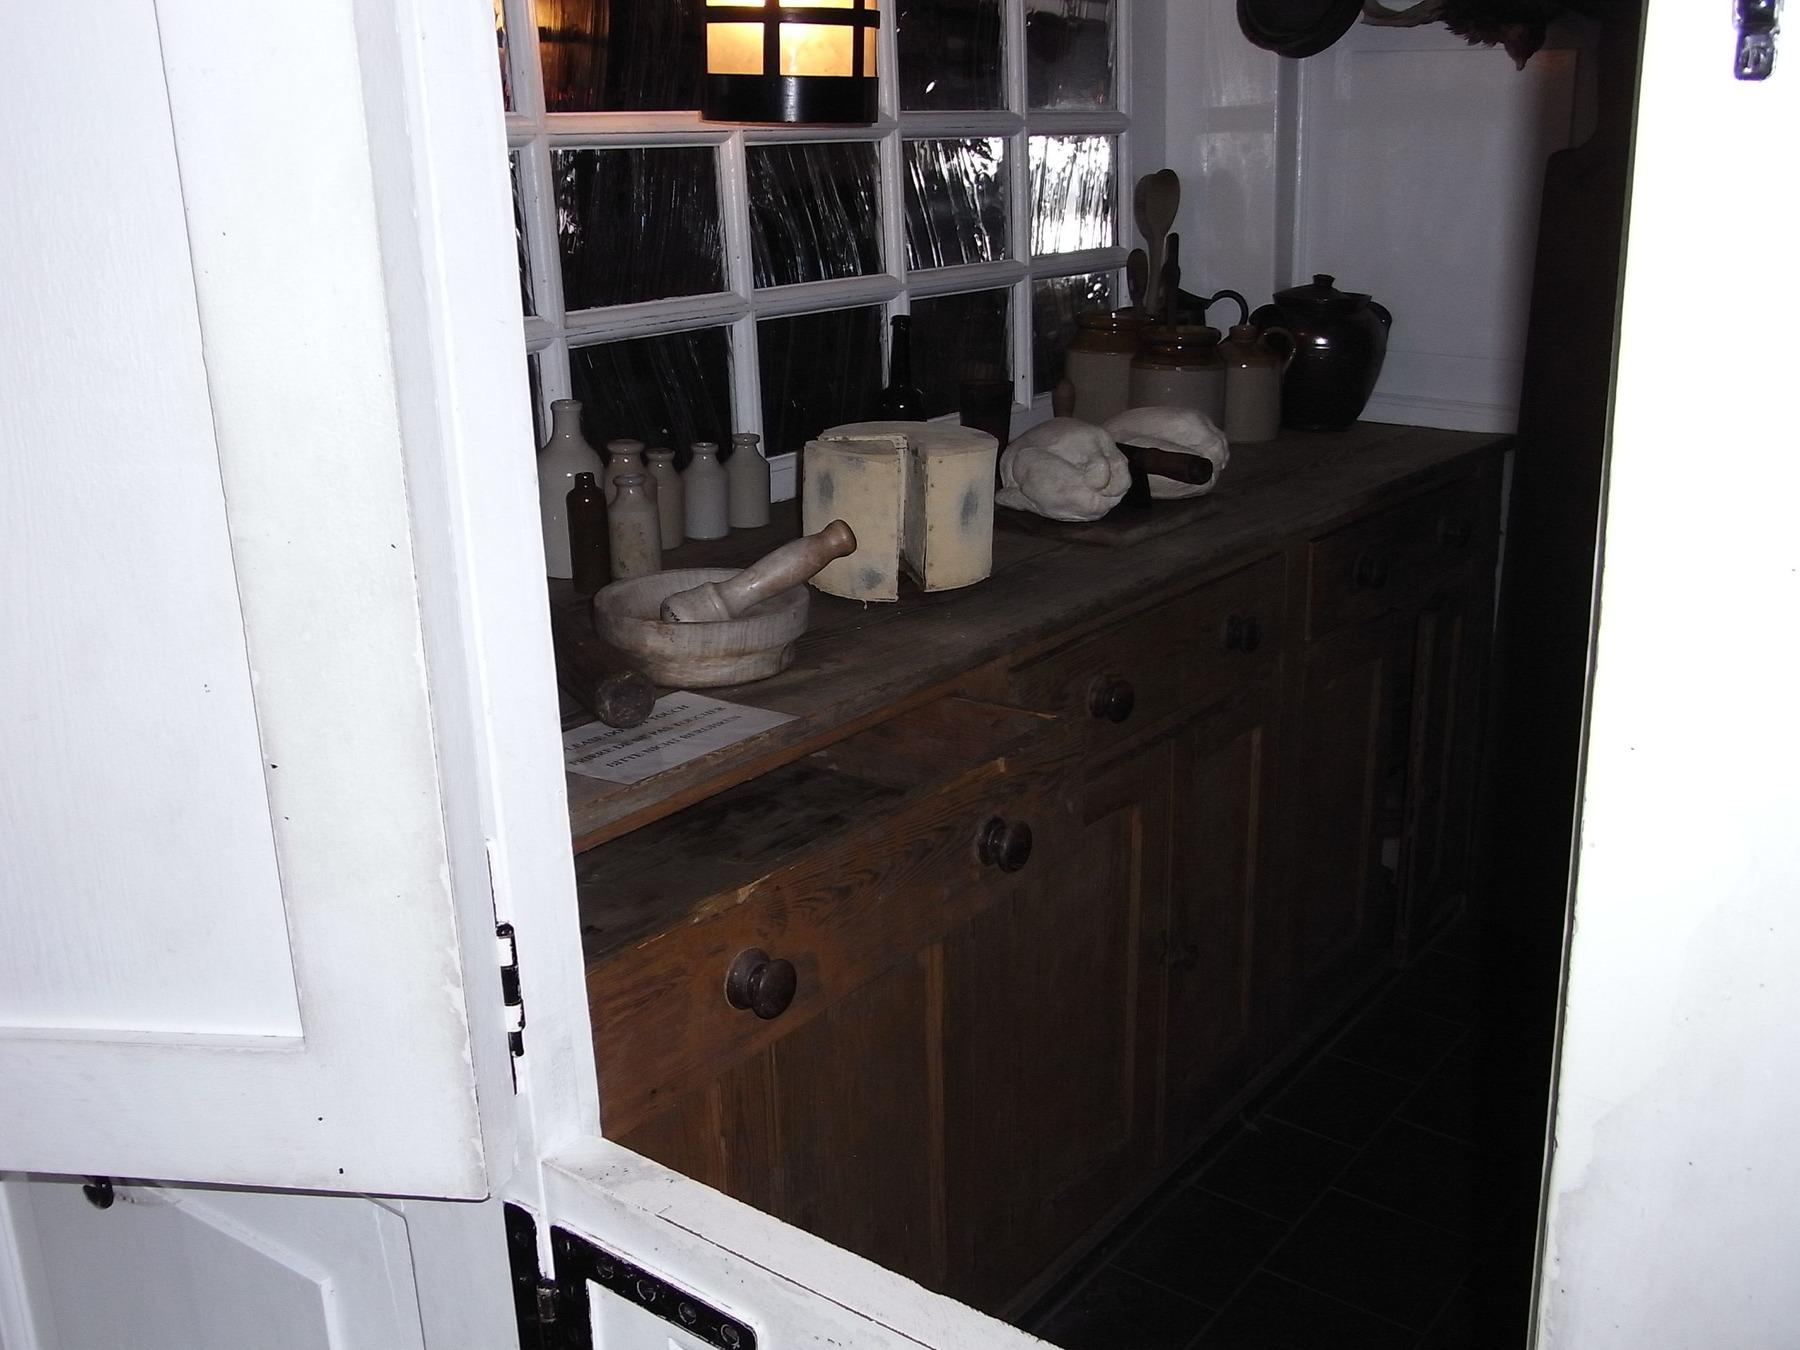 Küche auf dem Schlachtschiff